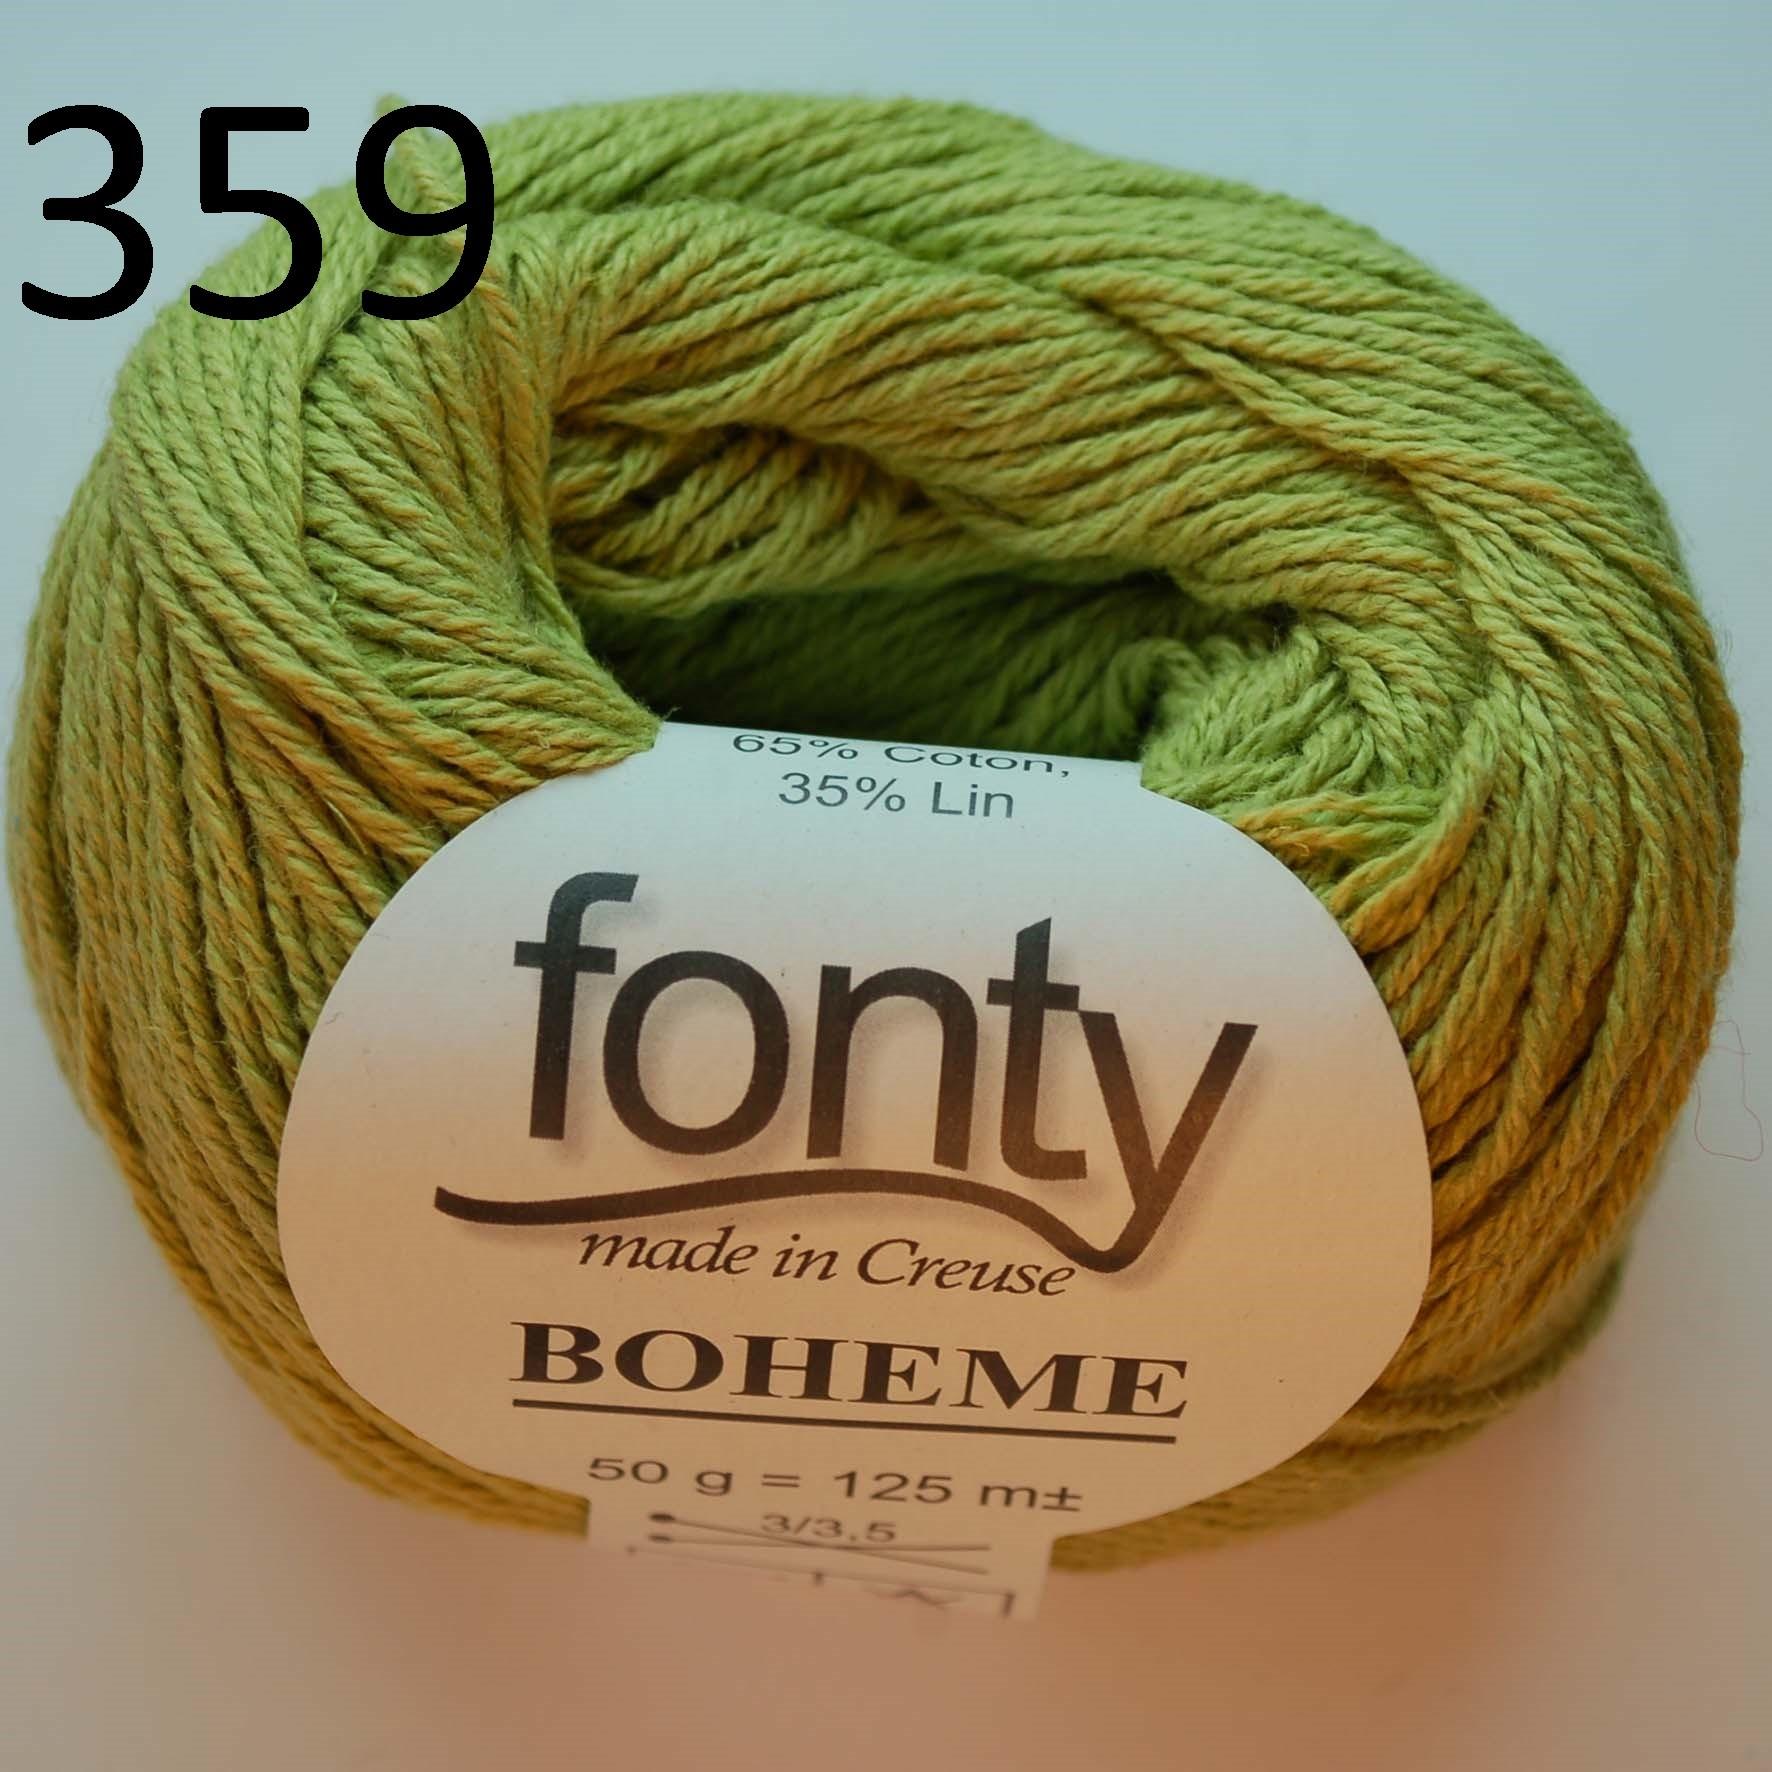 Boheme 359